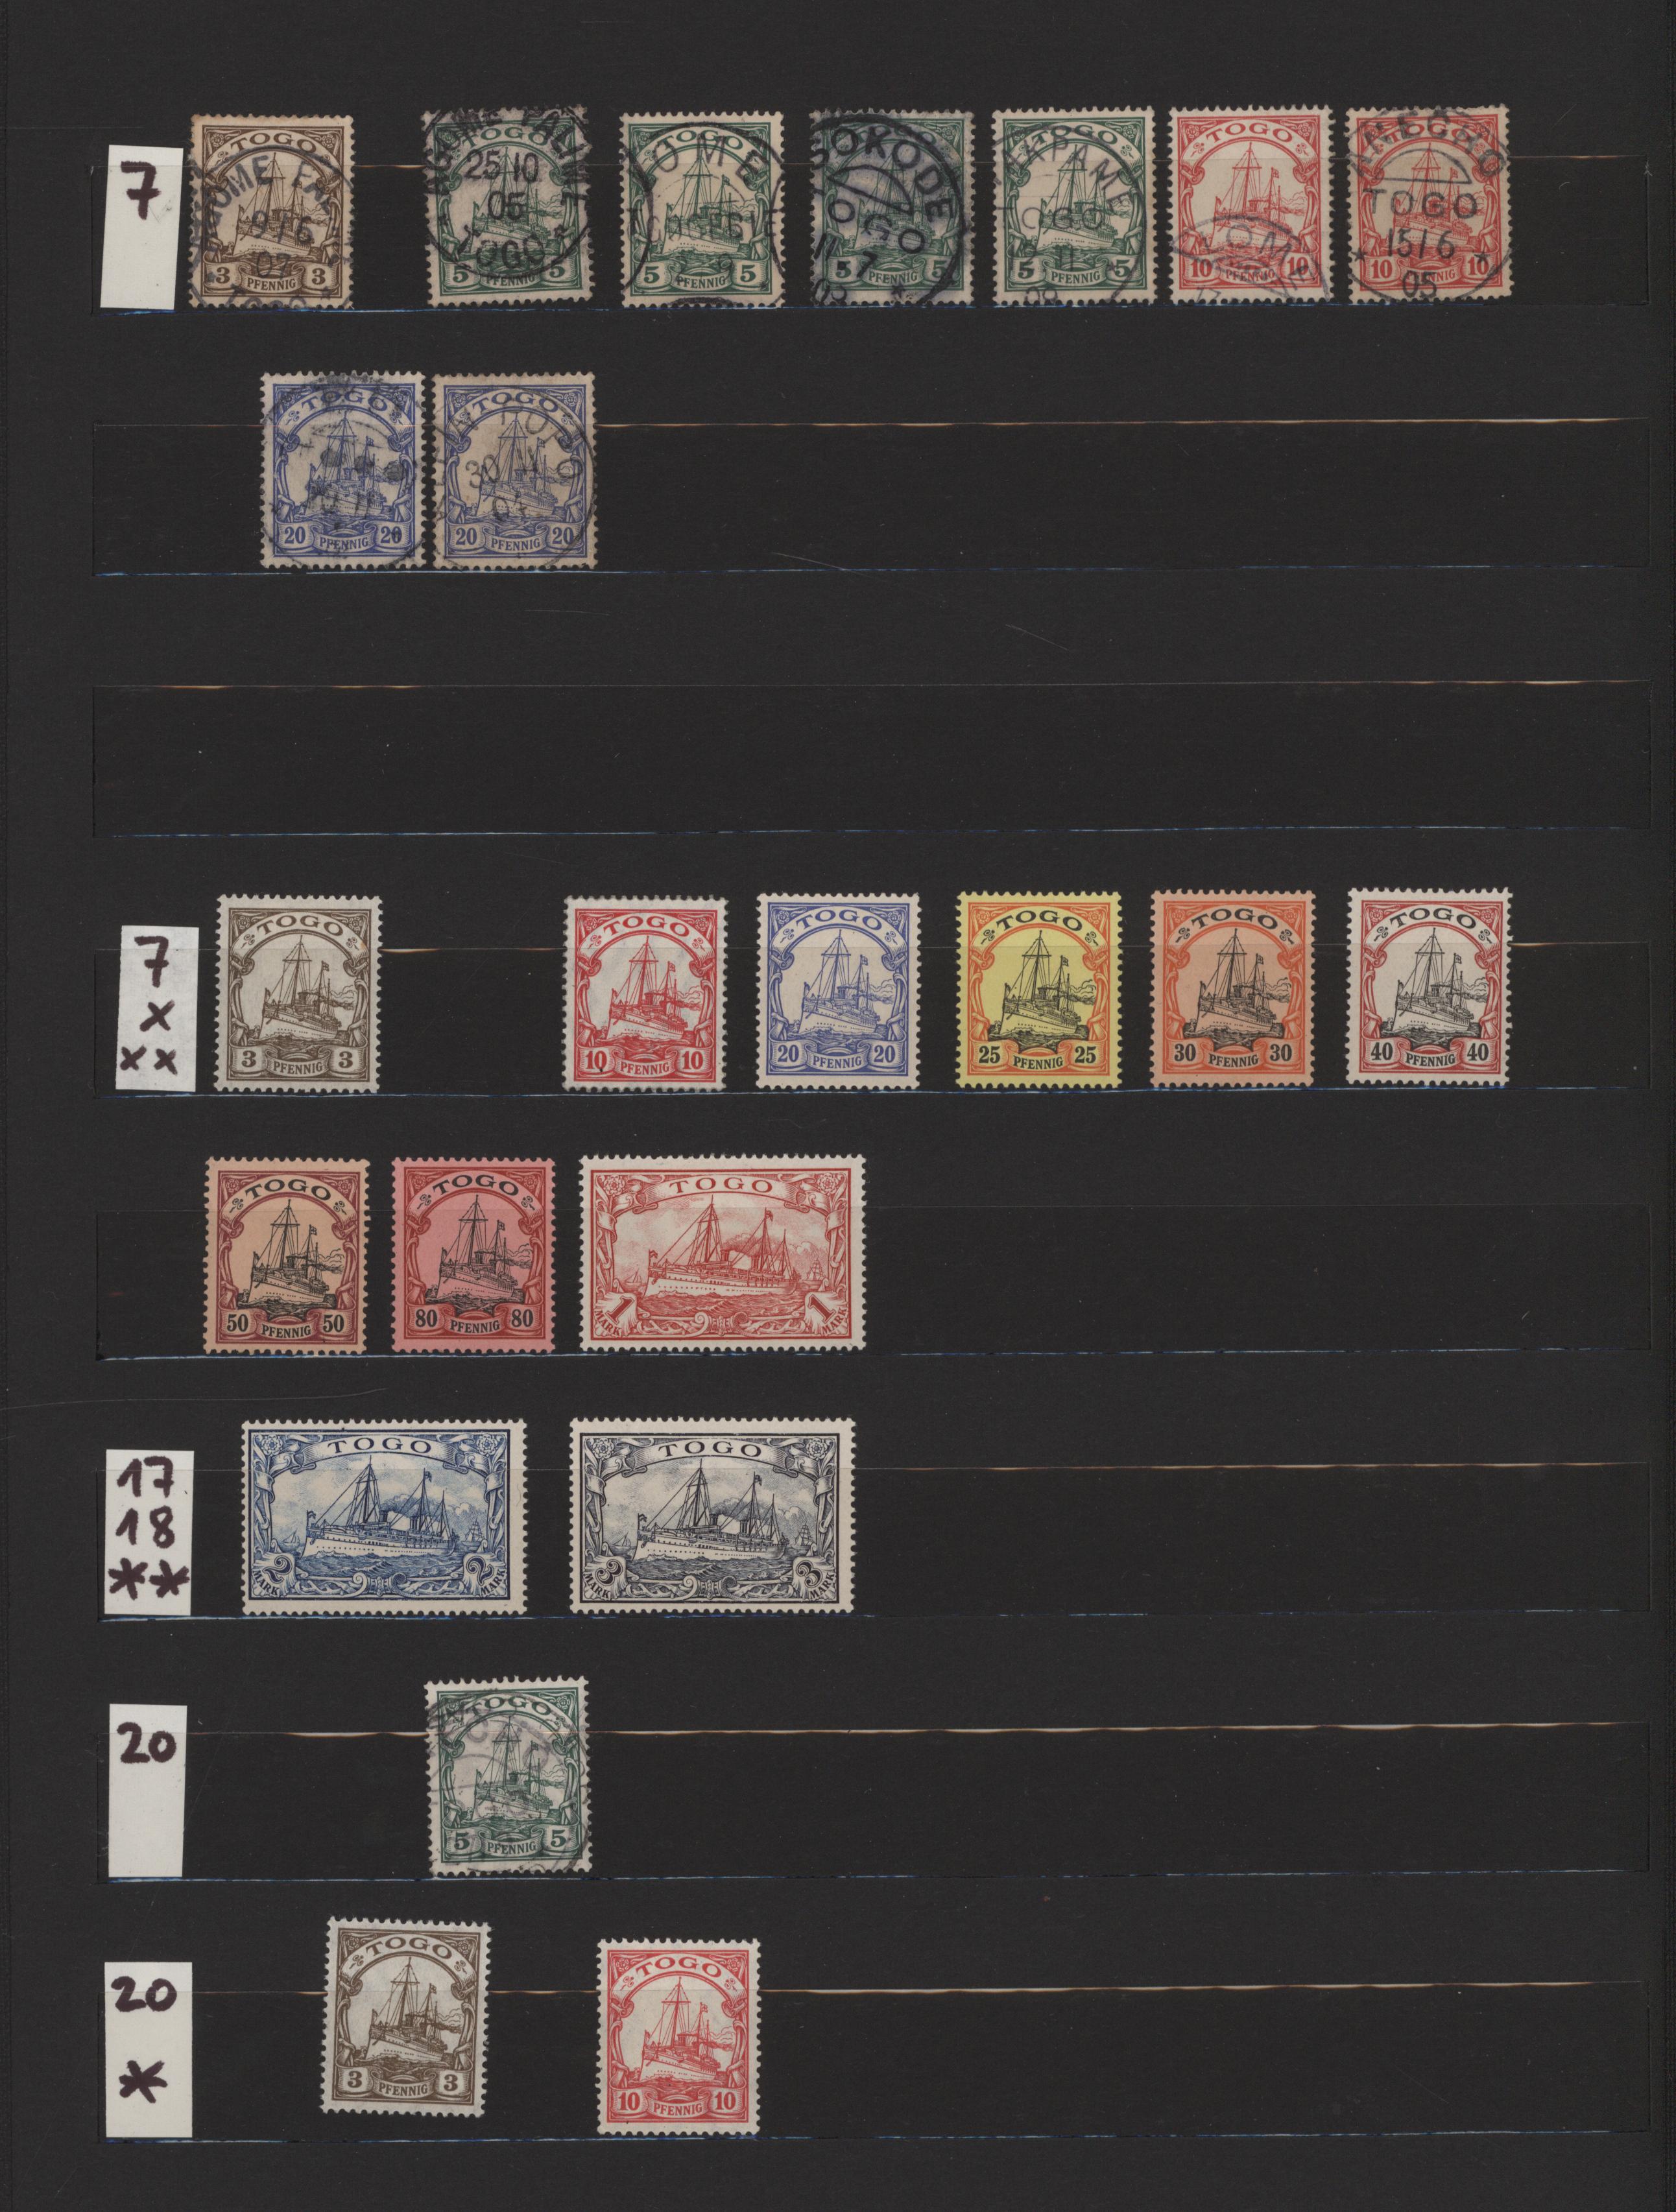 Lot 23503 - Deutsche Auslandspostämter + Kolonien  -  Auktionshaus Christoph Gärtner GmbH & Co. KG 50th Auction Anniversary Auction - Day 7